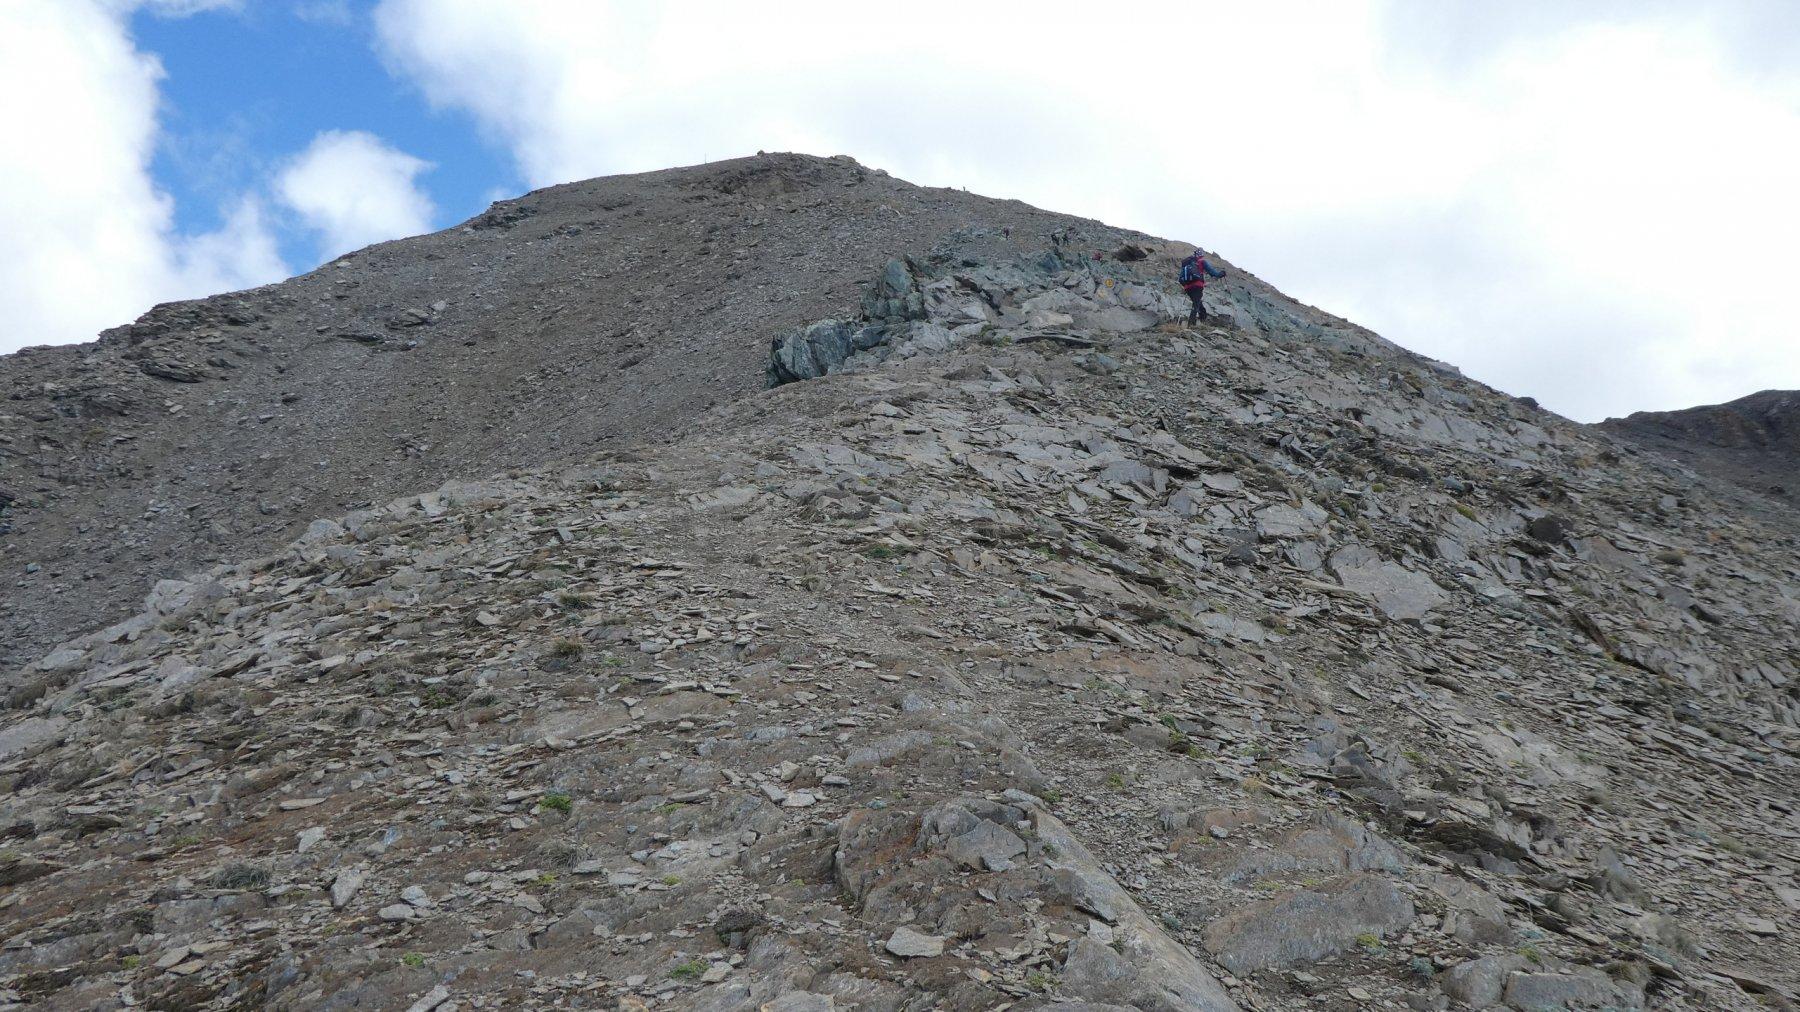 il pietroso crestone SO del Monte Creya da risalire